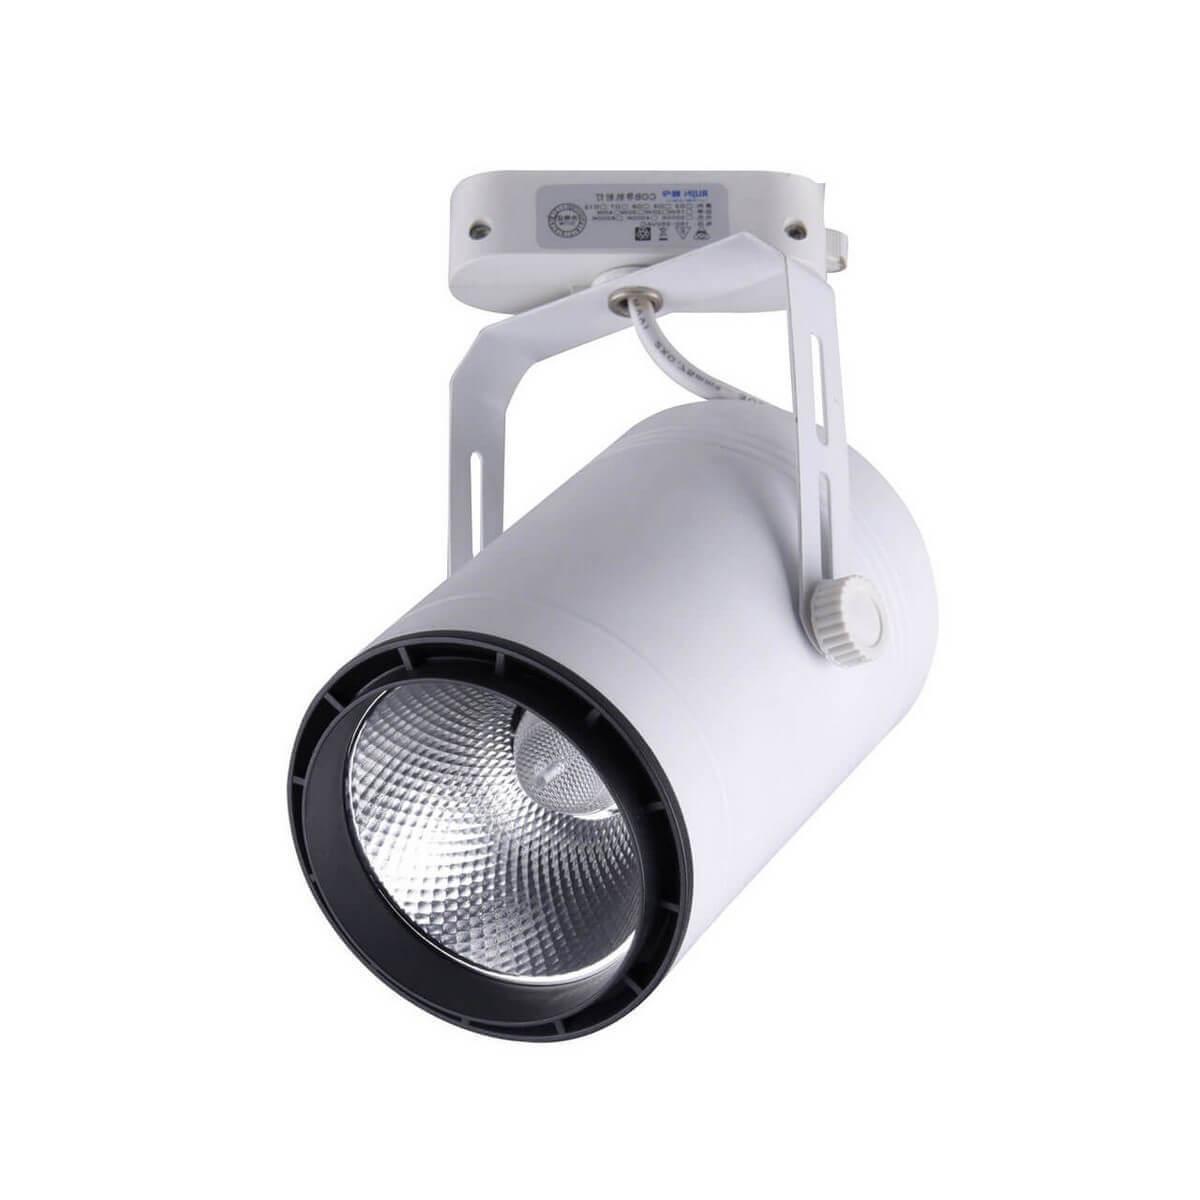 Трековый светодиодный светильник Kink Light Треки 6483-1,01 трековый светодиодный светильник kink light треки 6483 1 01